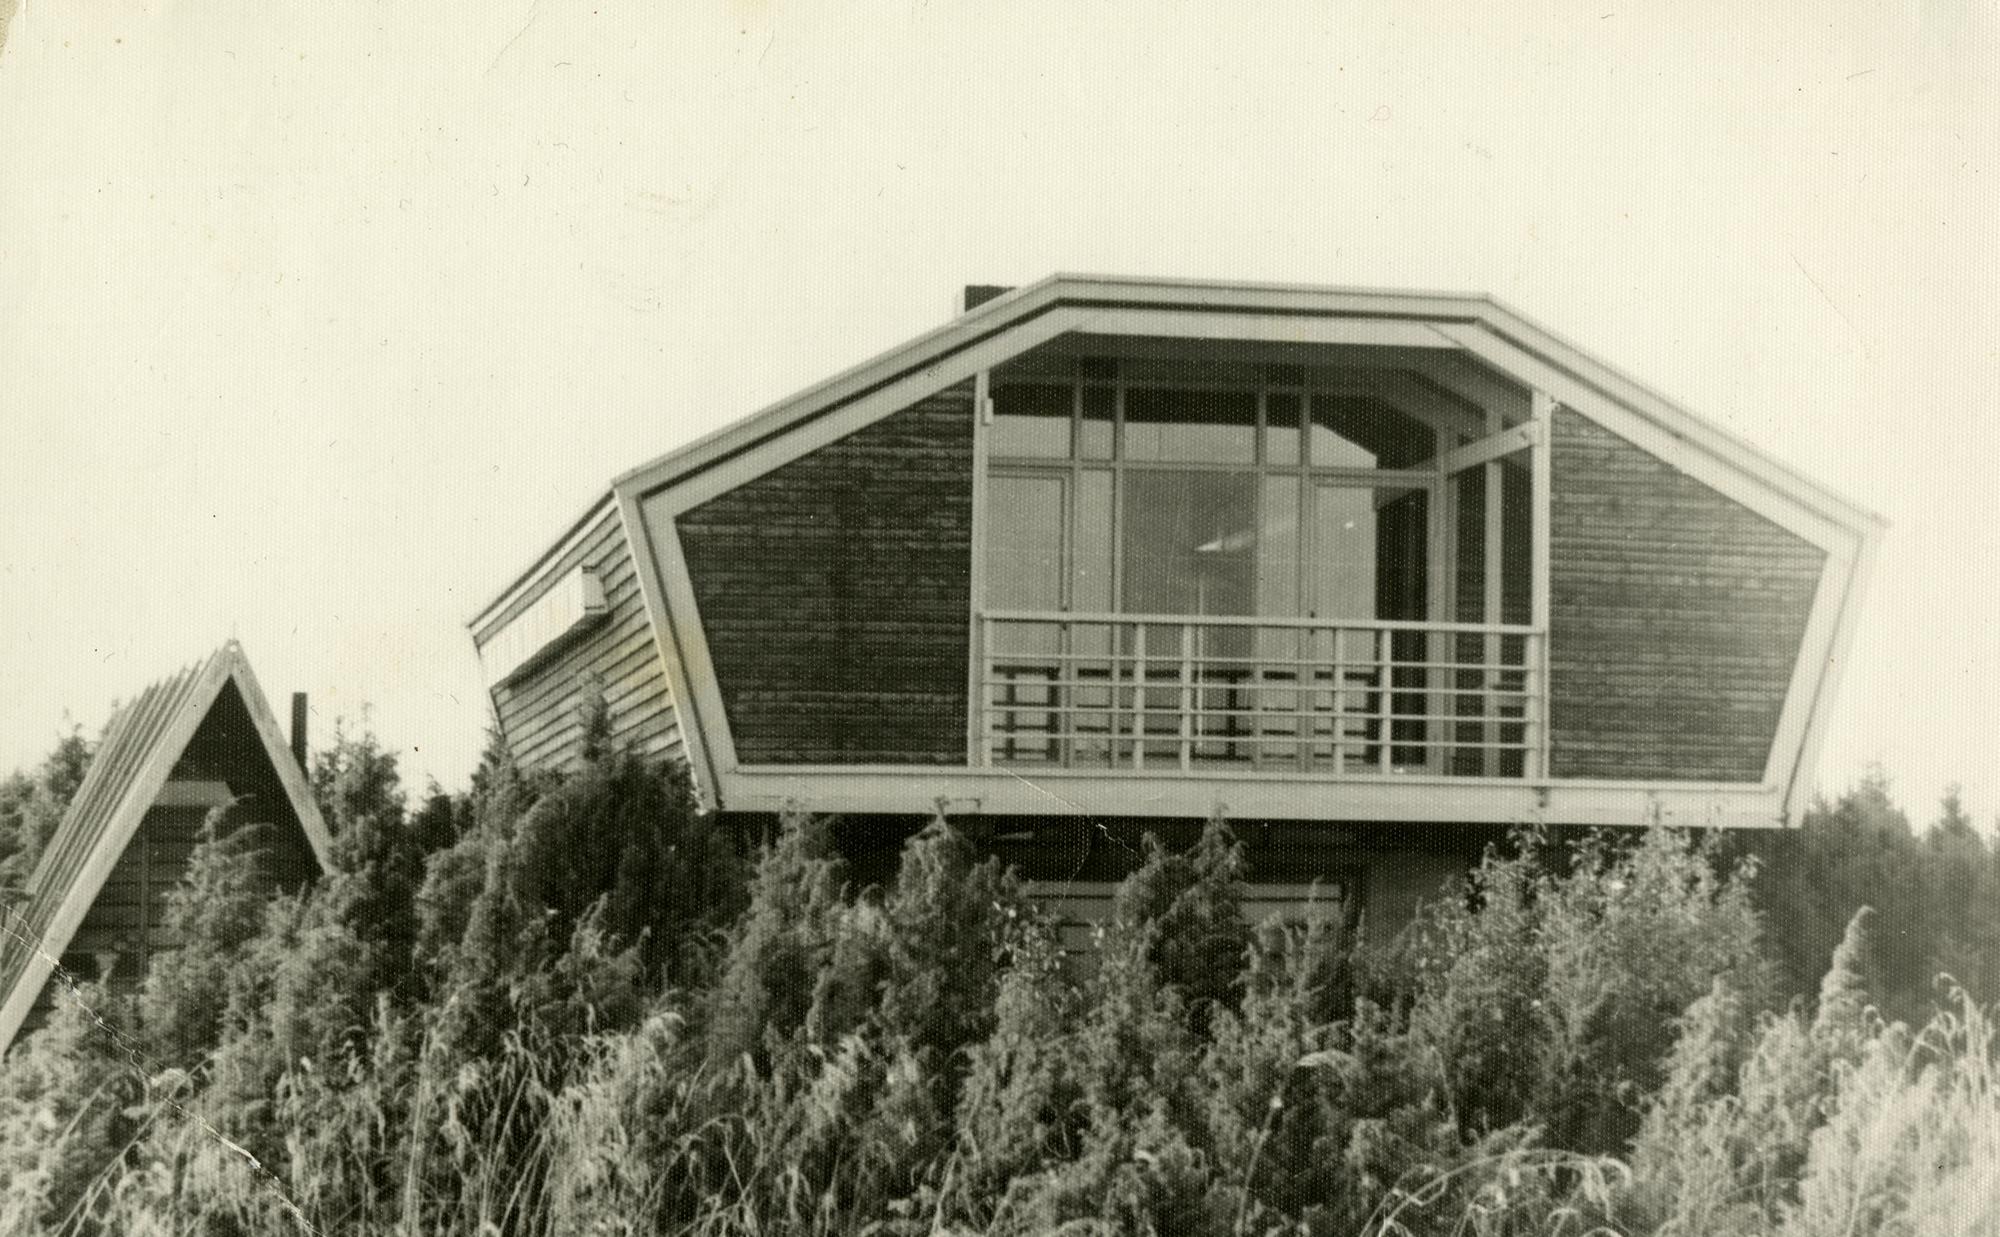 Arhitekt Heino Parmase suvila Muristes Oolaiul, 1976. Foto: Eesti Arhitektuurimuuseum